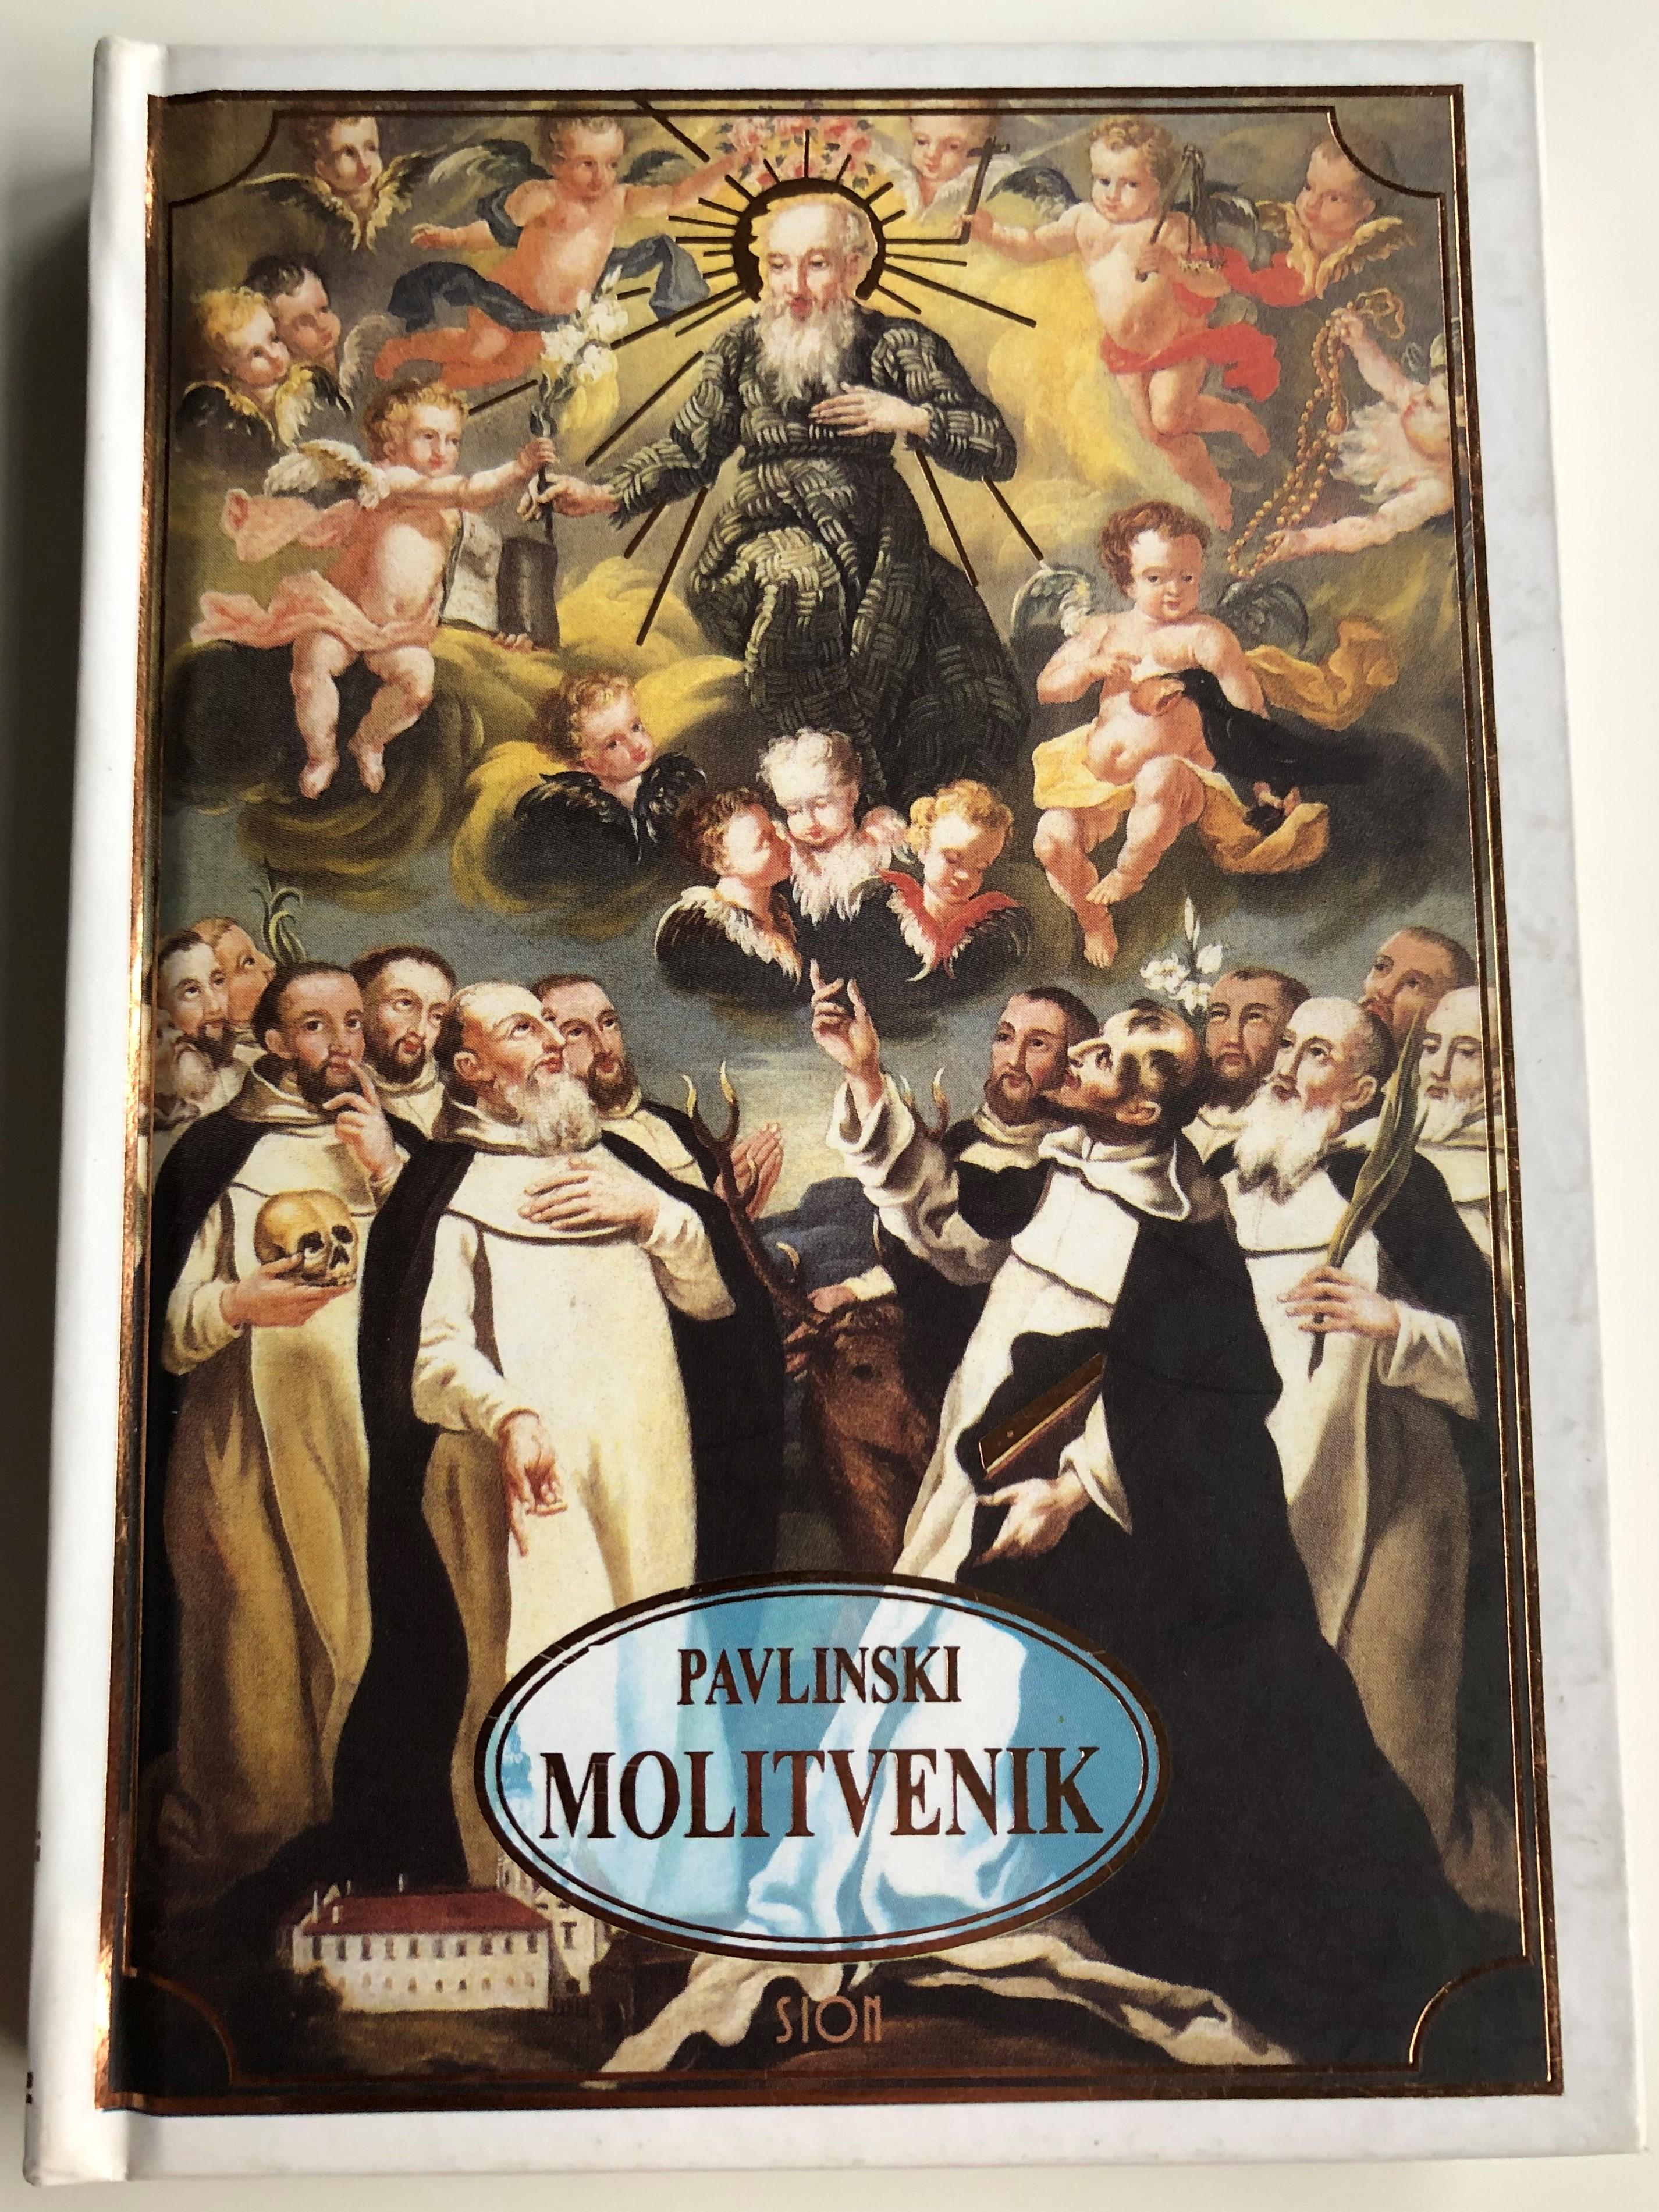 pavlinski-molitvenik-by-o.-marko-kornelije-glogovi-croatian-language-pauline-prayerbook-1.jpg